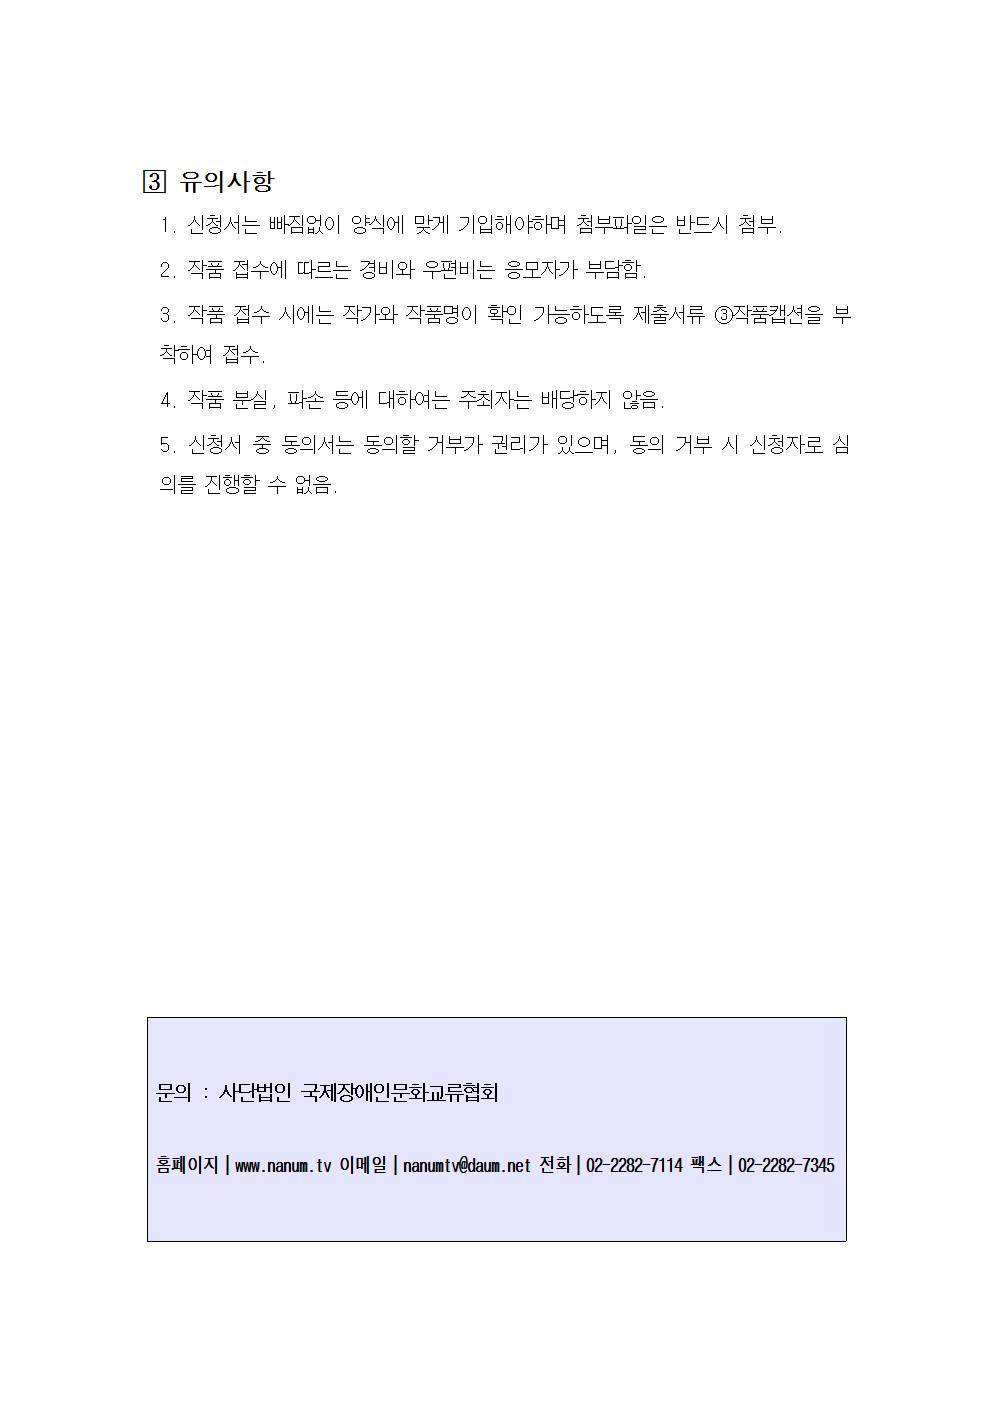 발달장애인청년작가전2020+공모요강+최종 (5).jpg